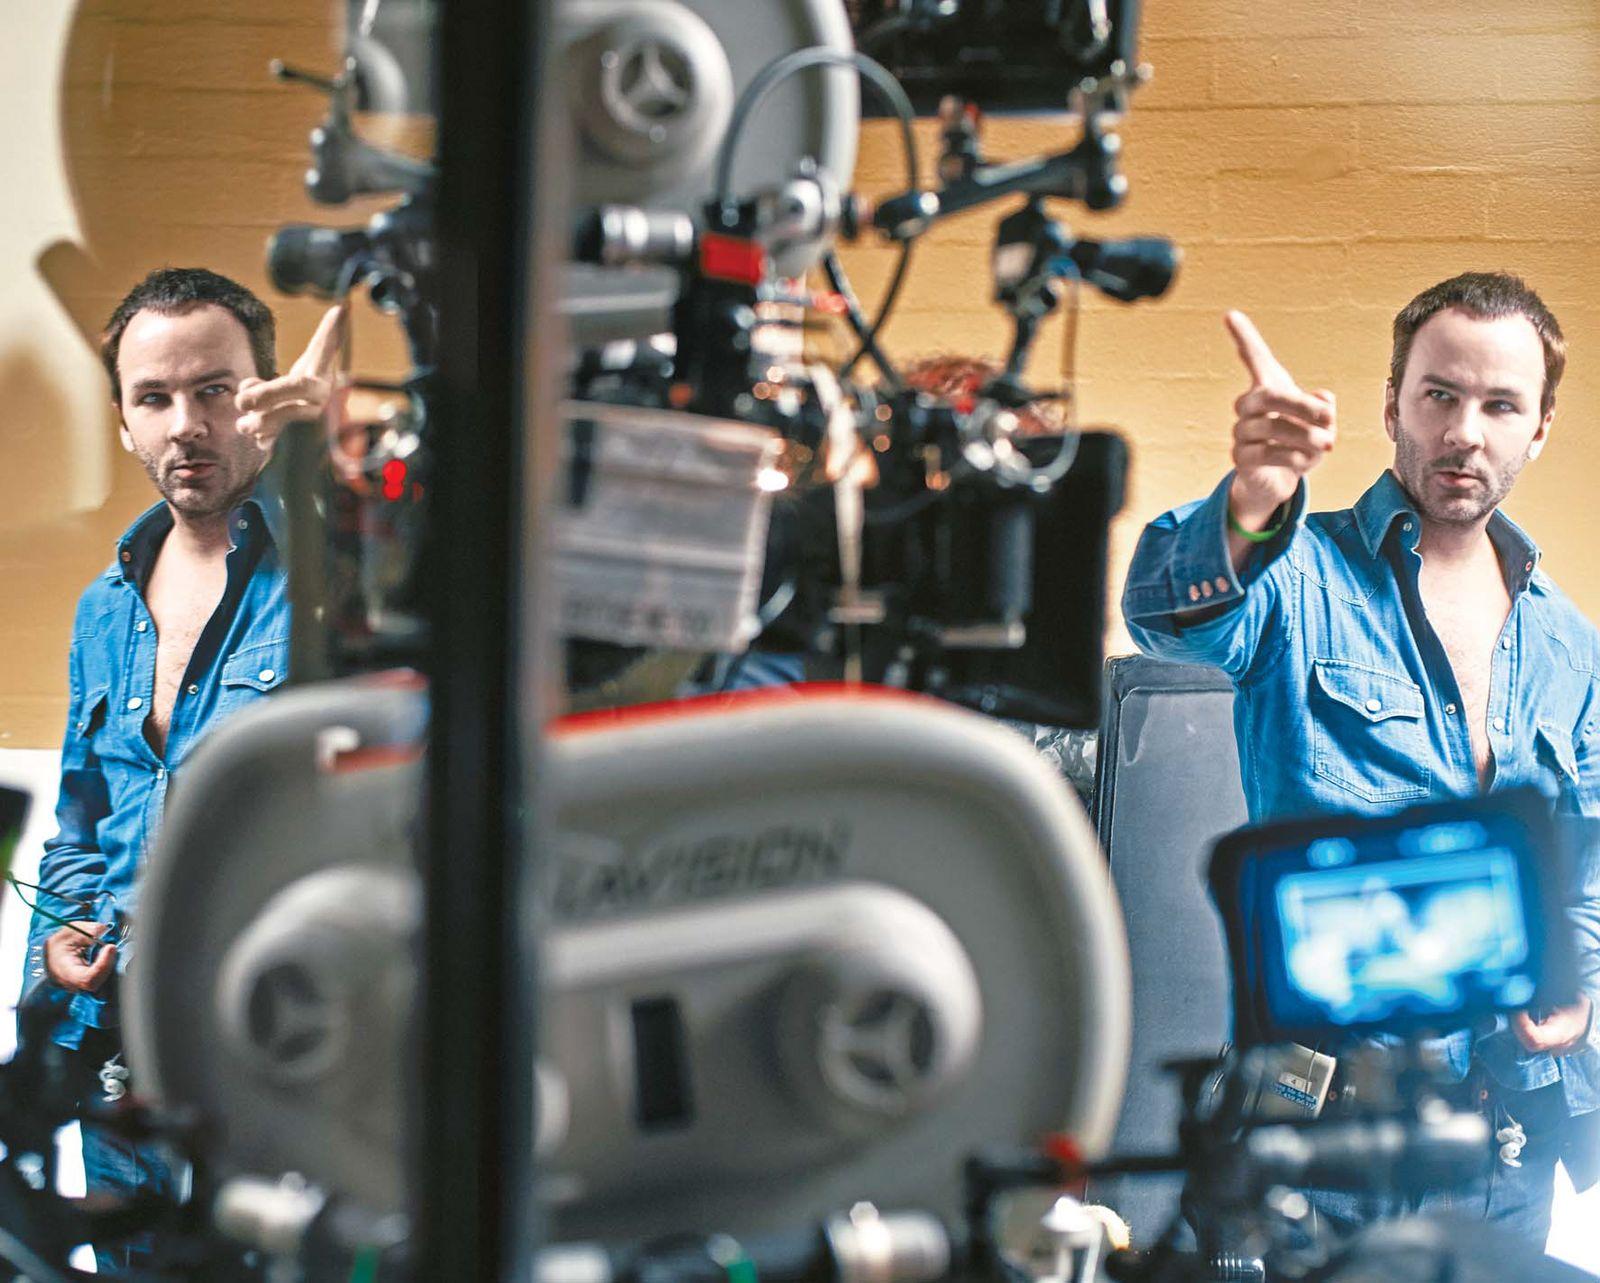 최근 개봉작 '녹터널 애니멀스' 촬영 현장에서의 톰 포드 감독.